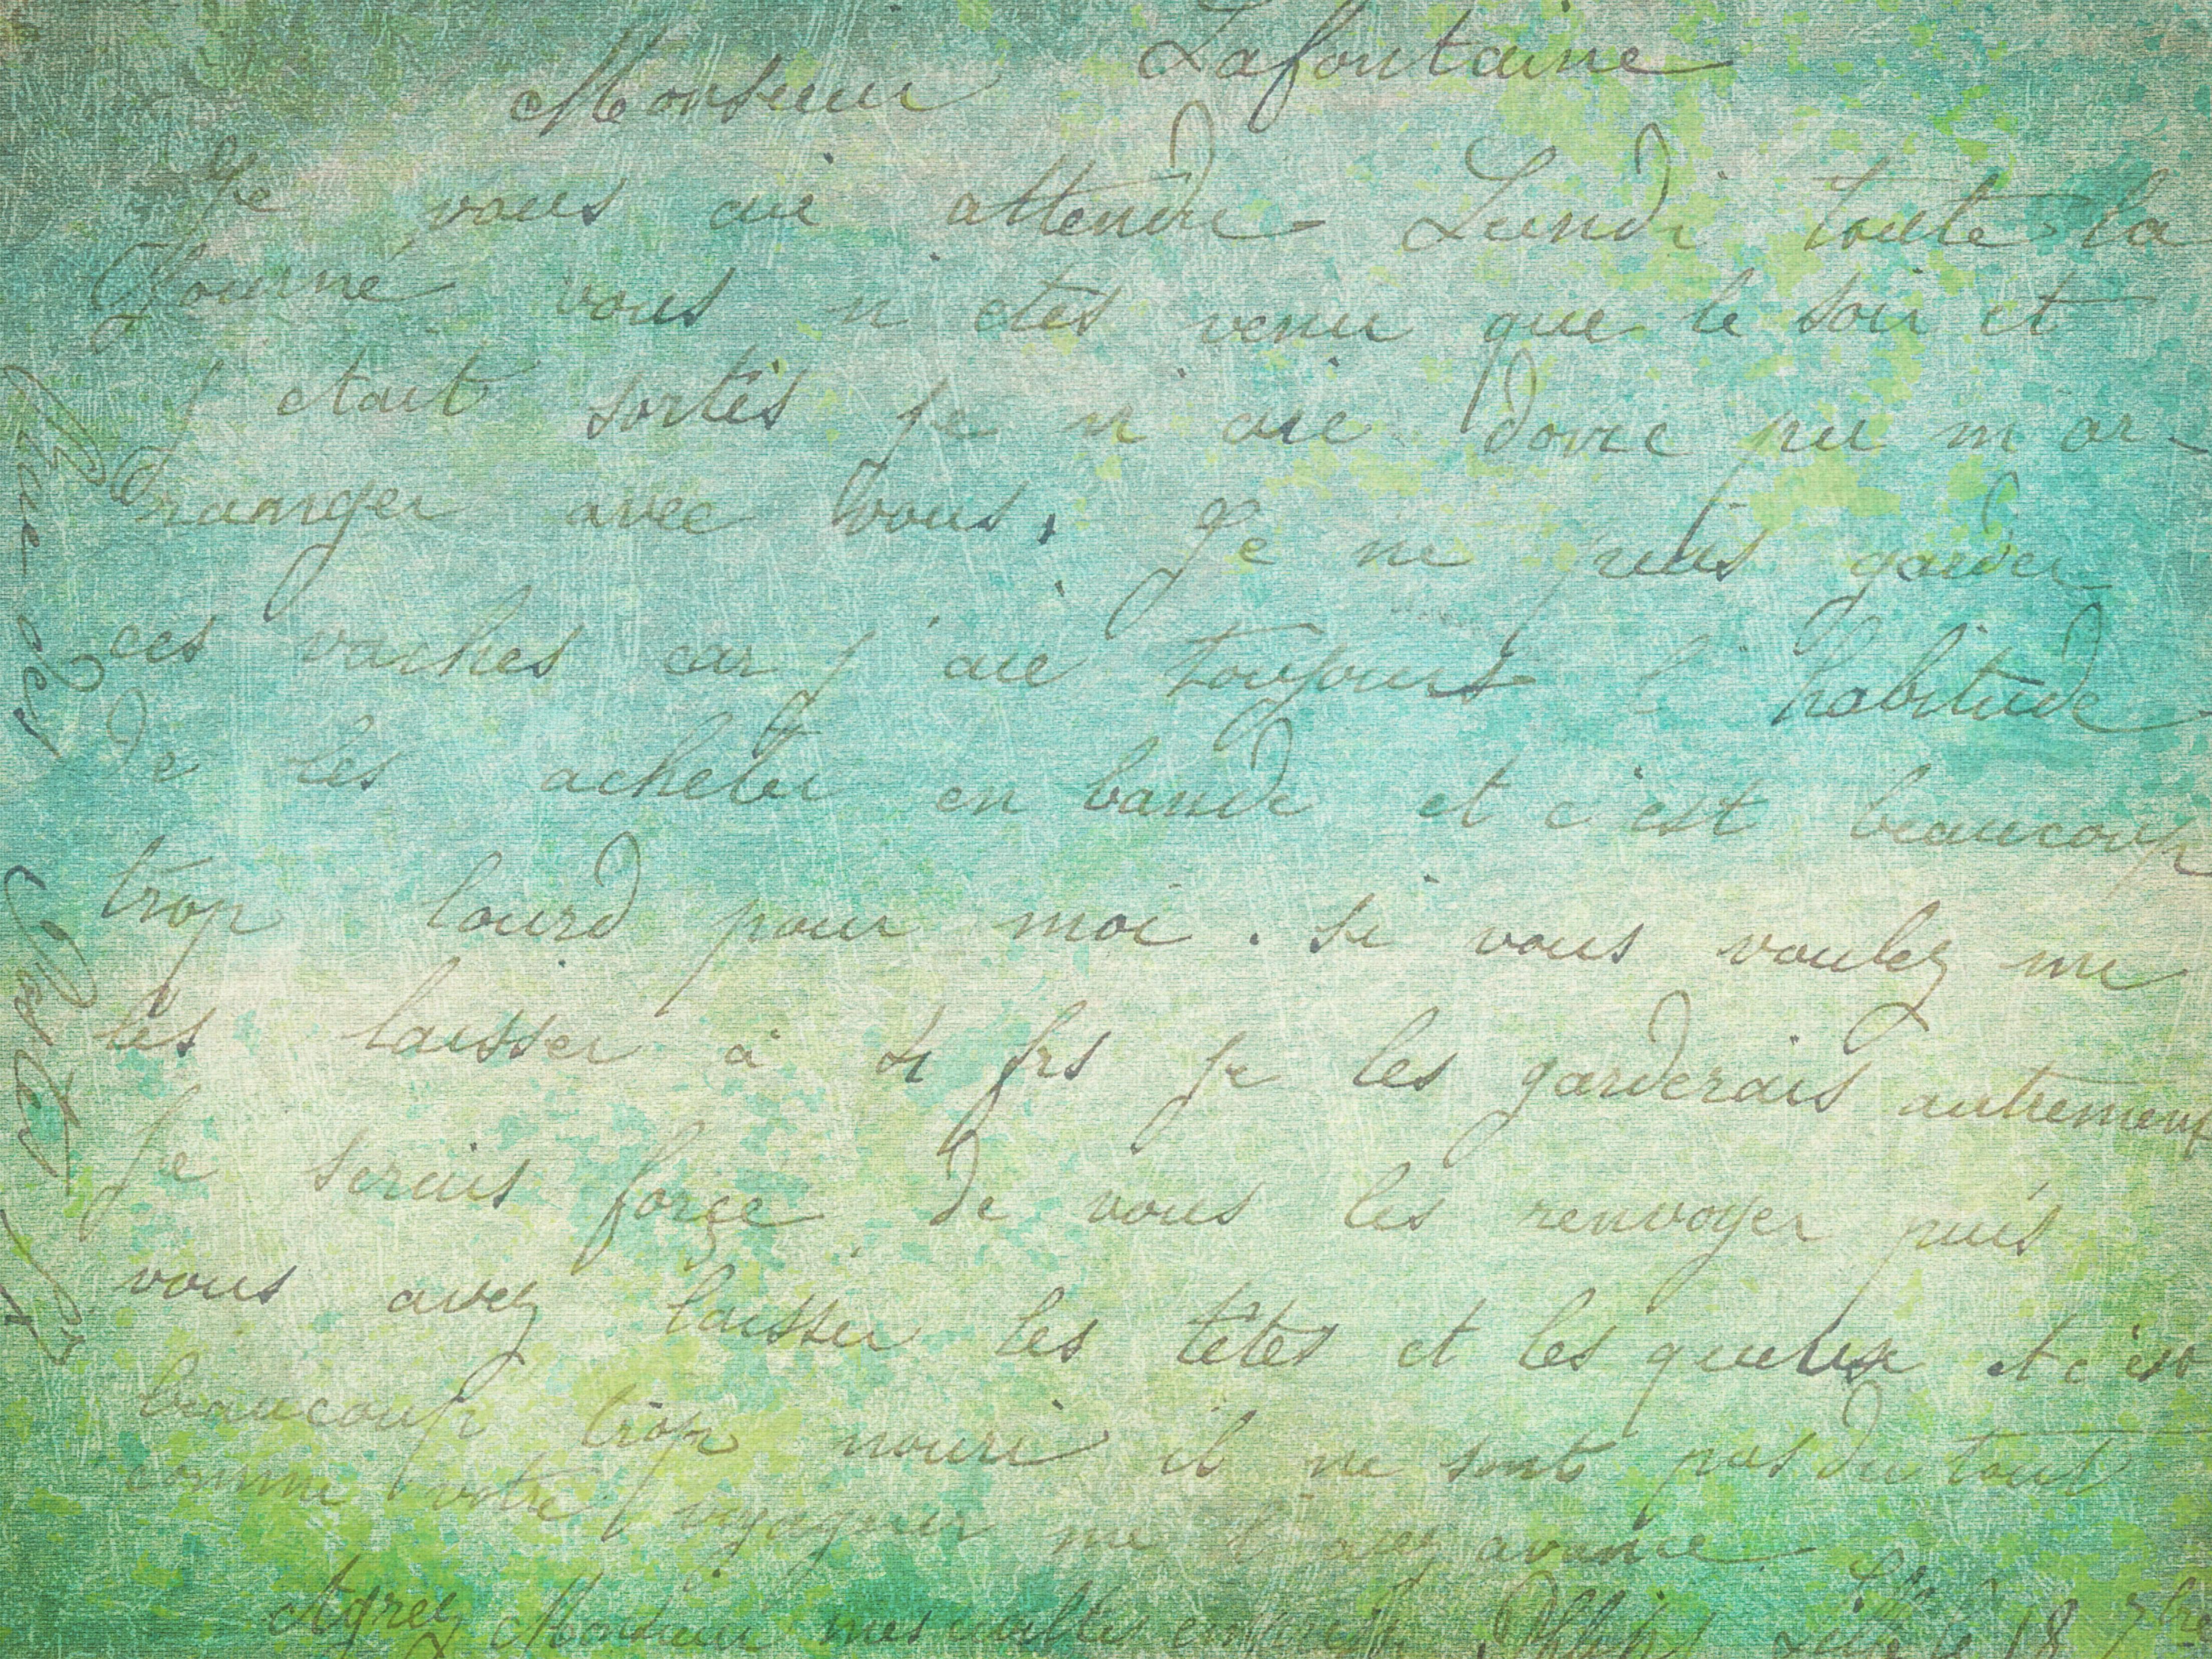 95614 Hintergrundbild herunterladen Papier, Textur, Texturen, Text, Brief, Kalligraphie - Bildschirmschoner und Bilder kostenlos